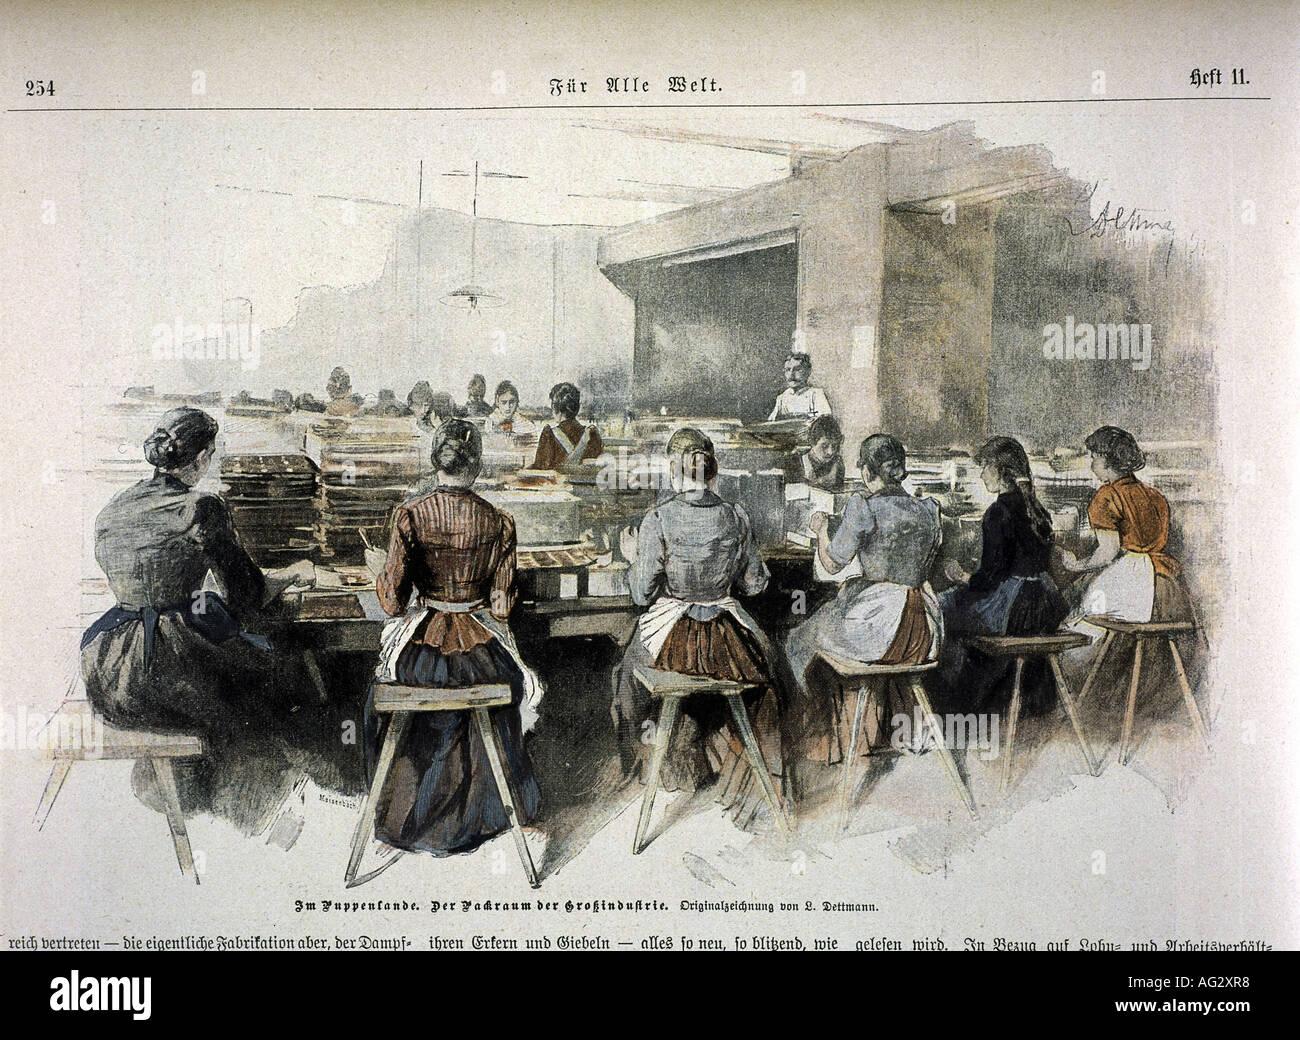 L'industria dei giocattoli, fabbricazione di bambole, sala imballaggio, incisione dopo il disegno di Ludwig Immagini Stock